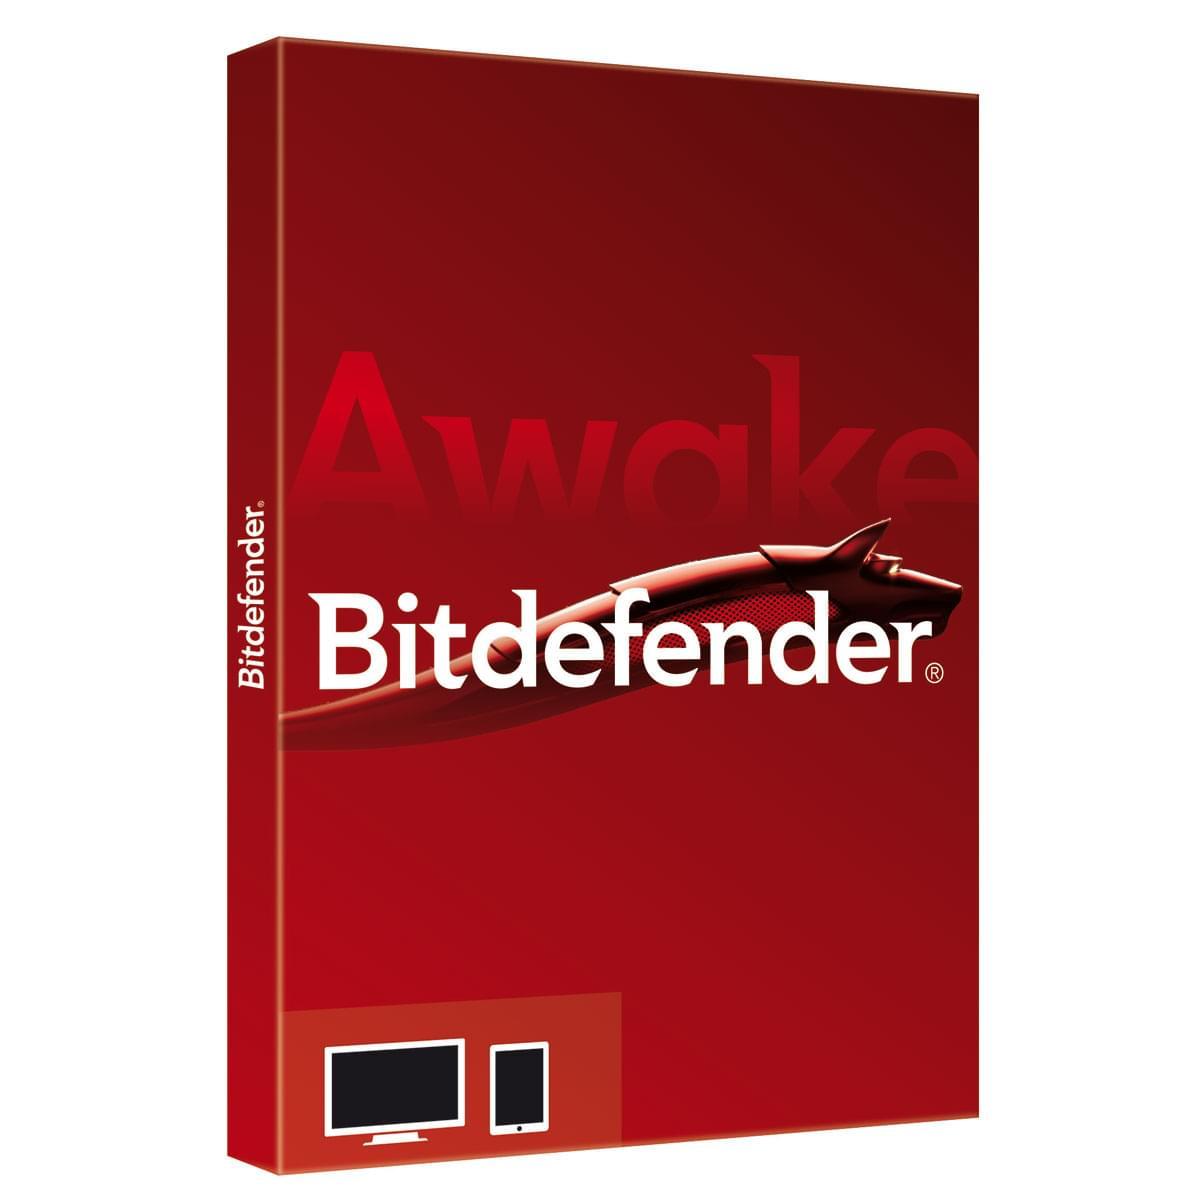 Bitdefender Antivirus Plus 2013 (B-FBDAV-3W1P010) - Achat / Vente Logiciel sécurité sur Cybertek.fr - 0